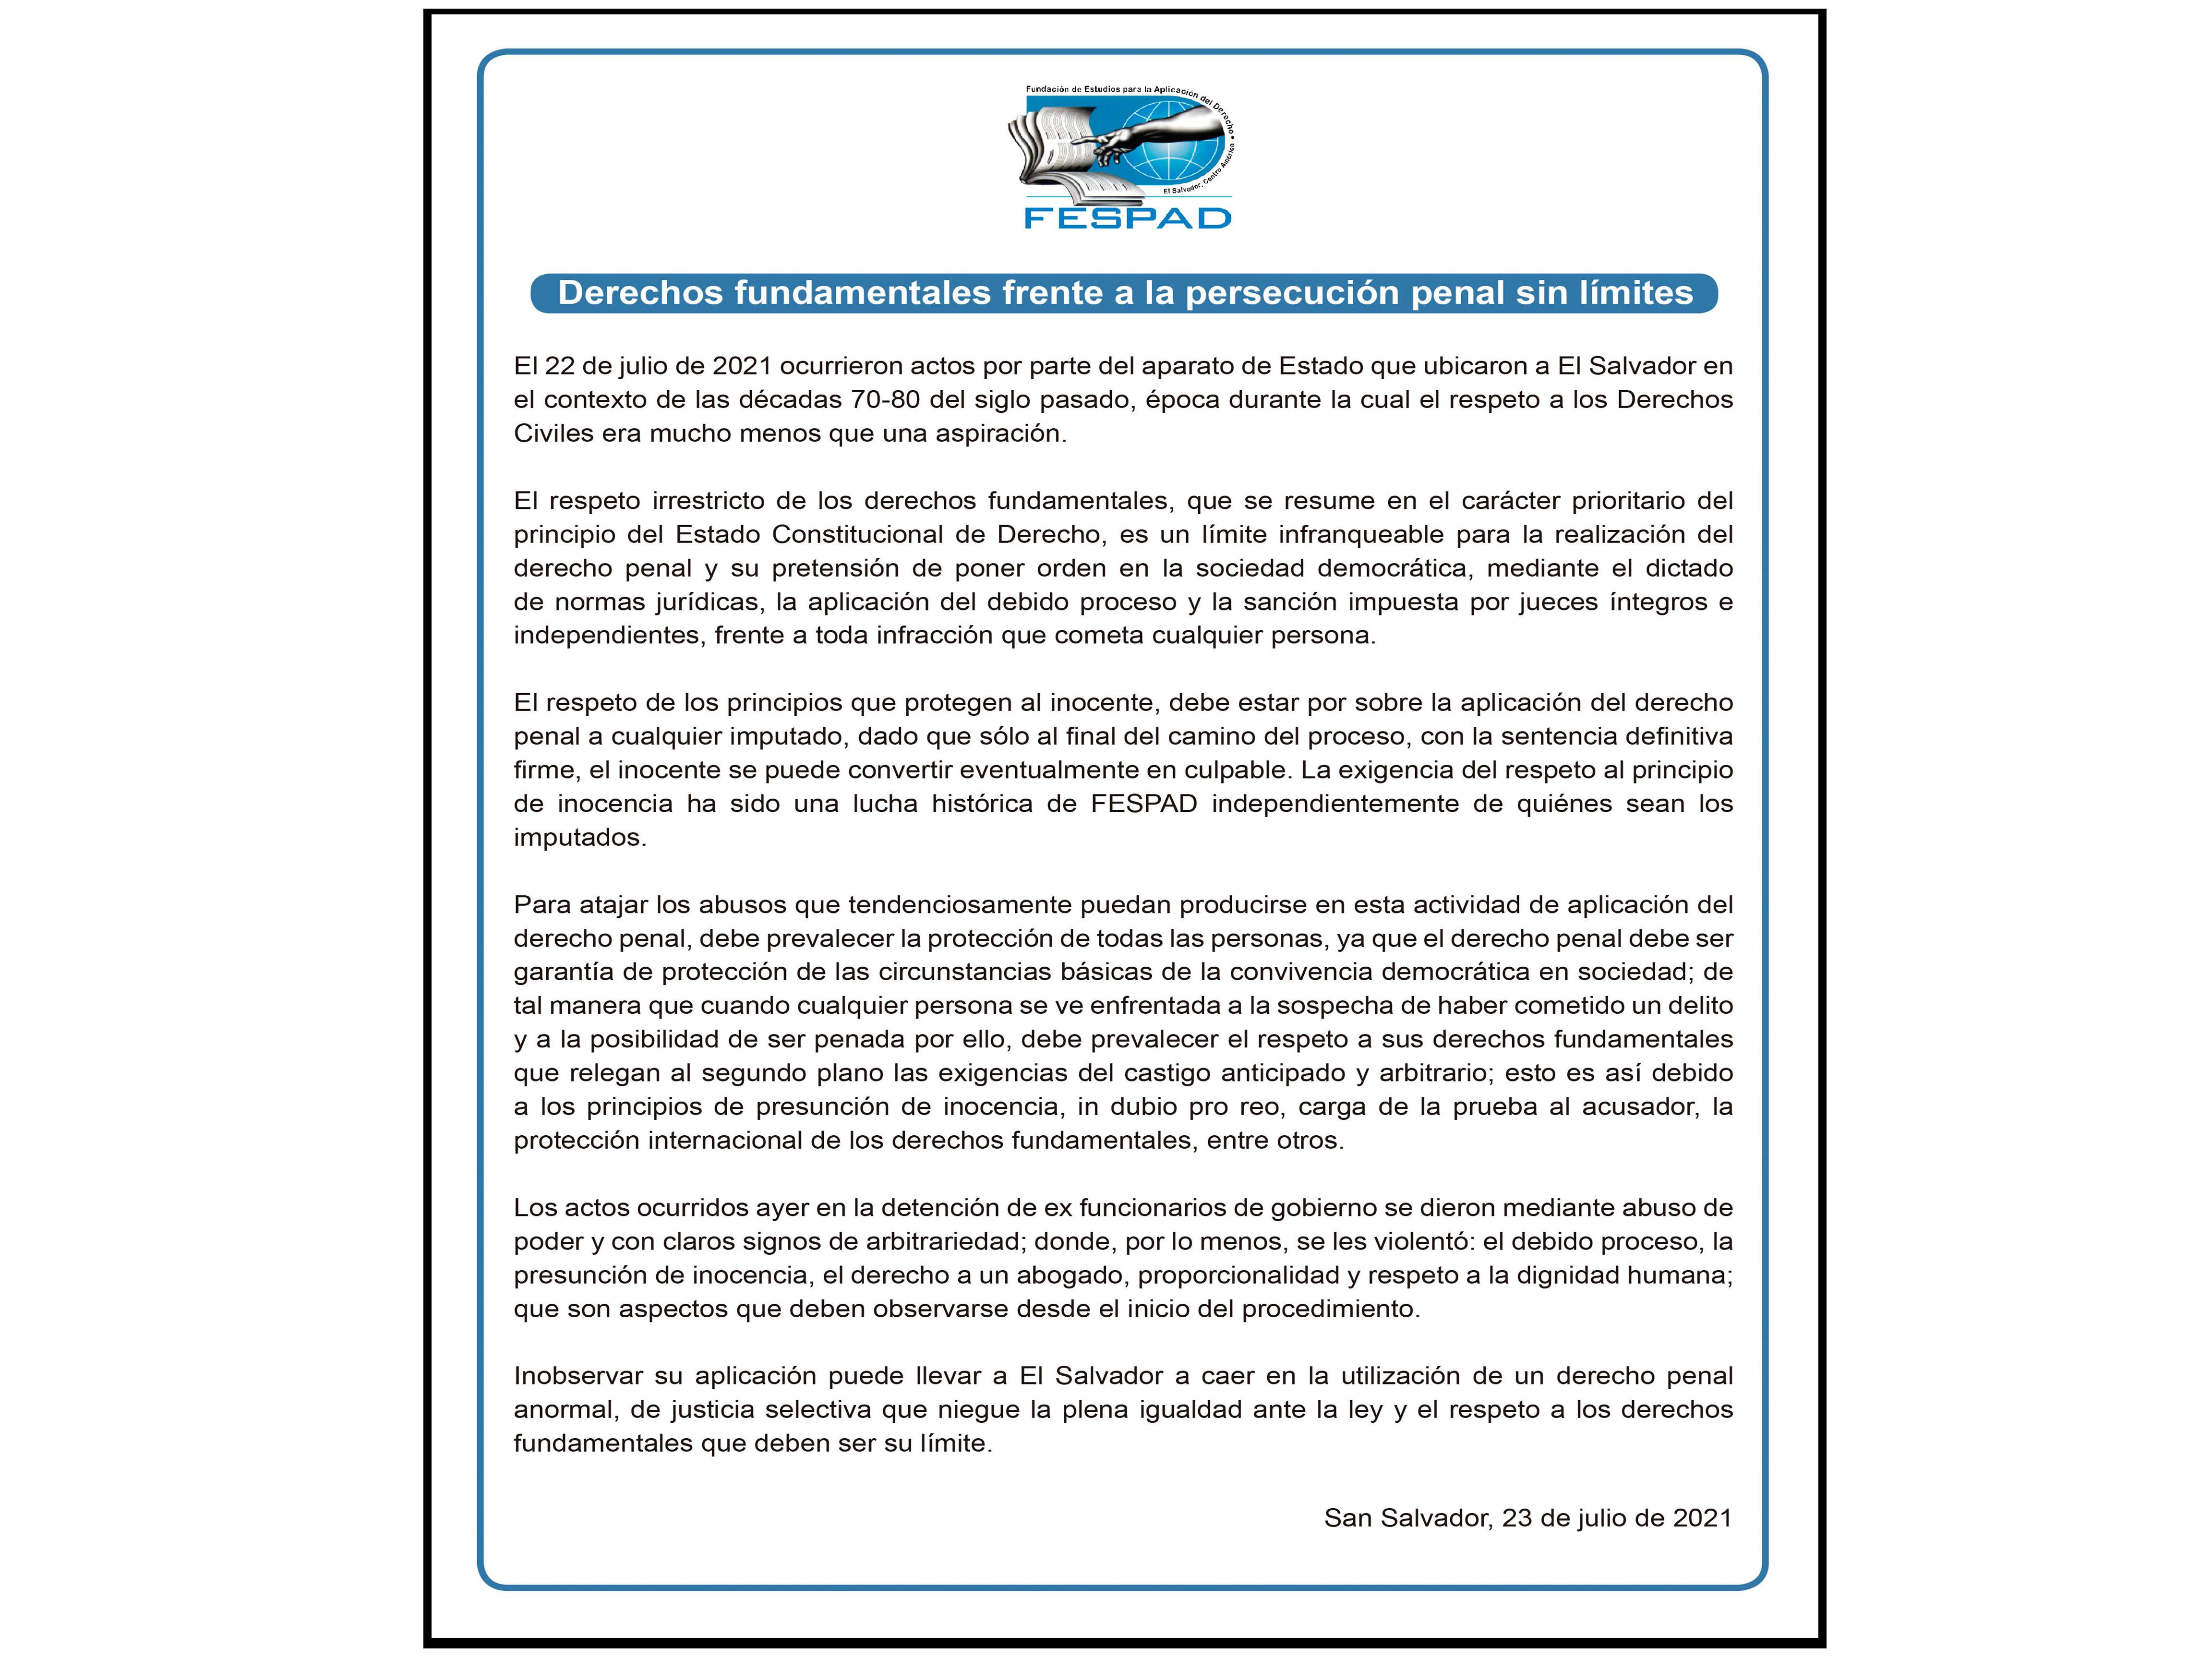 Comunicado: Derechos fundamentales frente a la persecución penal sin límites